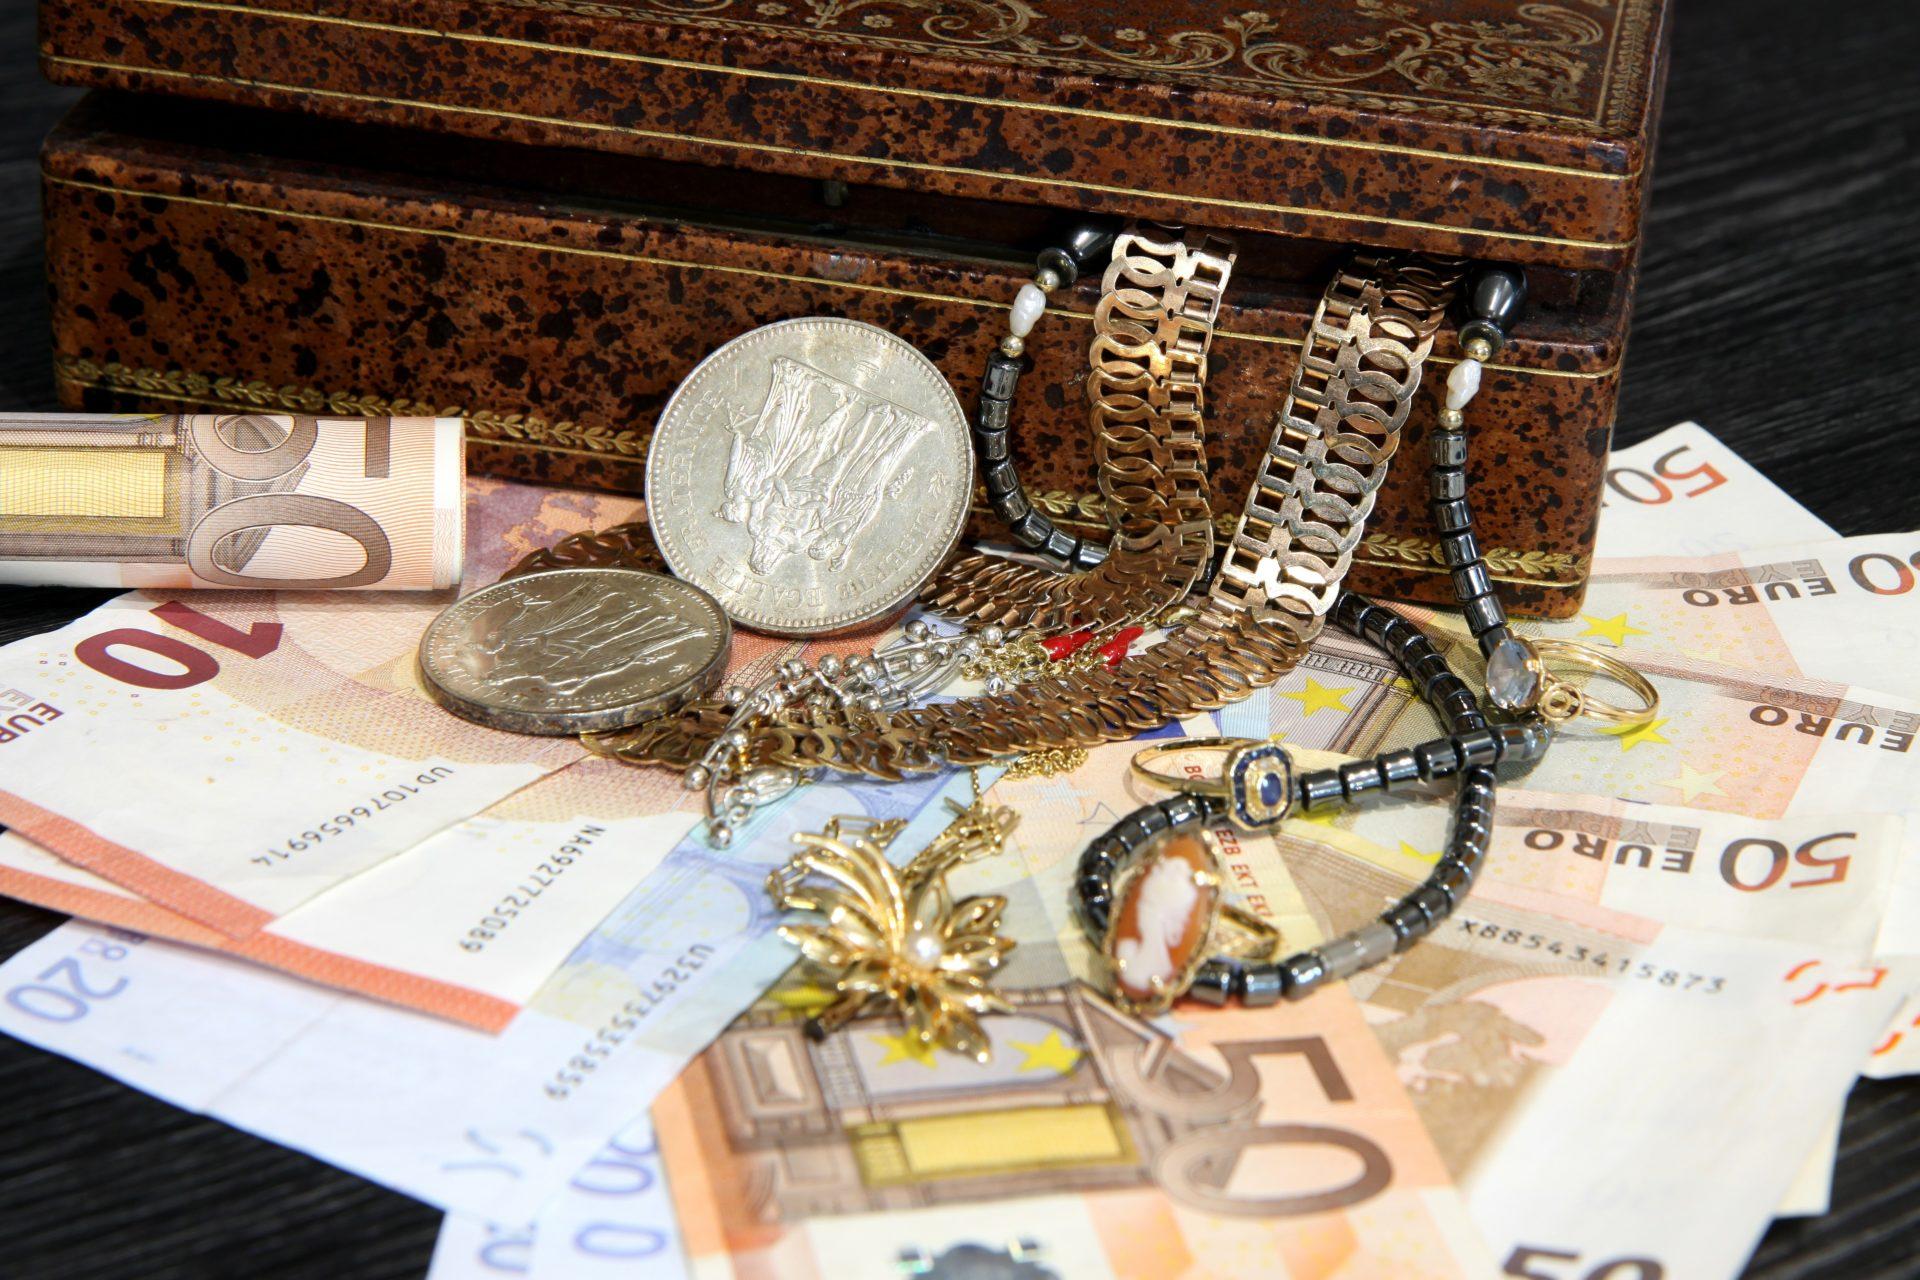 Schmuckankauf leicht gemacht – Per Post den eigenen Schmuck verkaufen_Goldankauf per Post_Schmuckankauf_Goldschmuck Ankauf_Altgold Ankauf_Aurax Edelmetallhandel GmbH